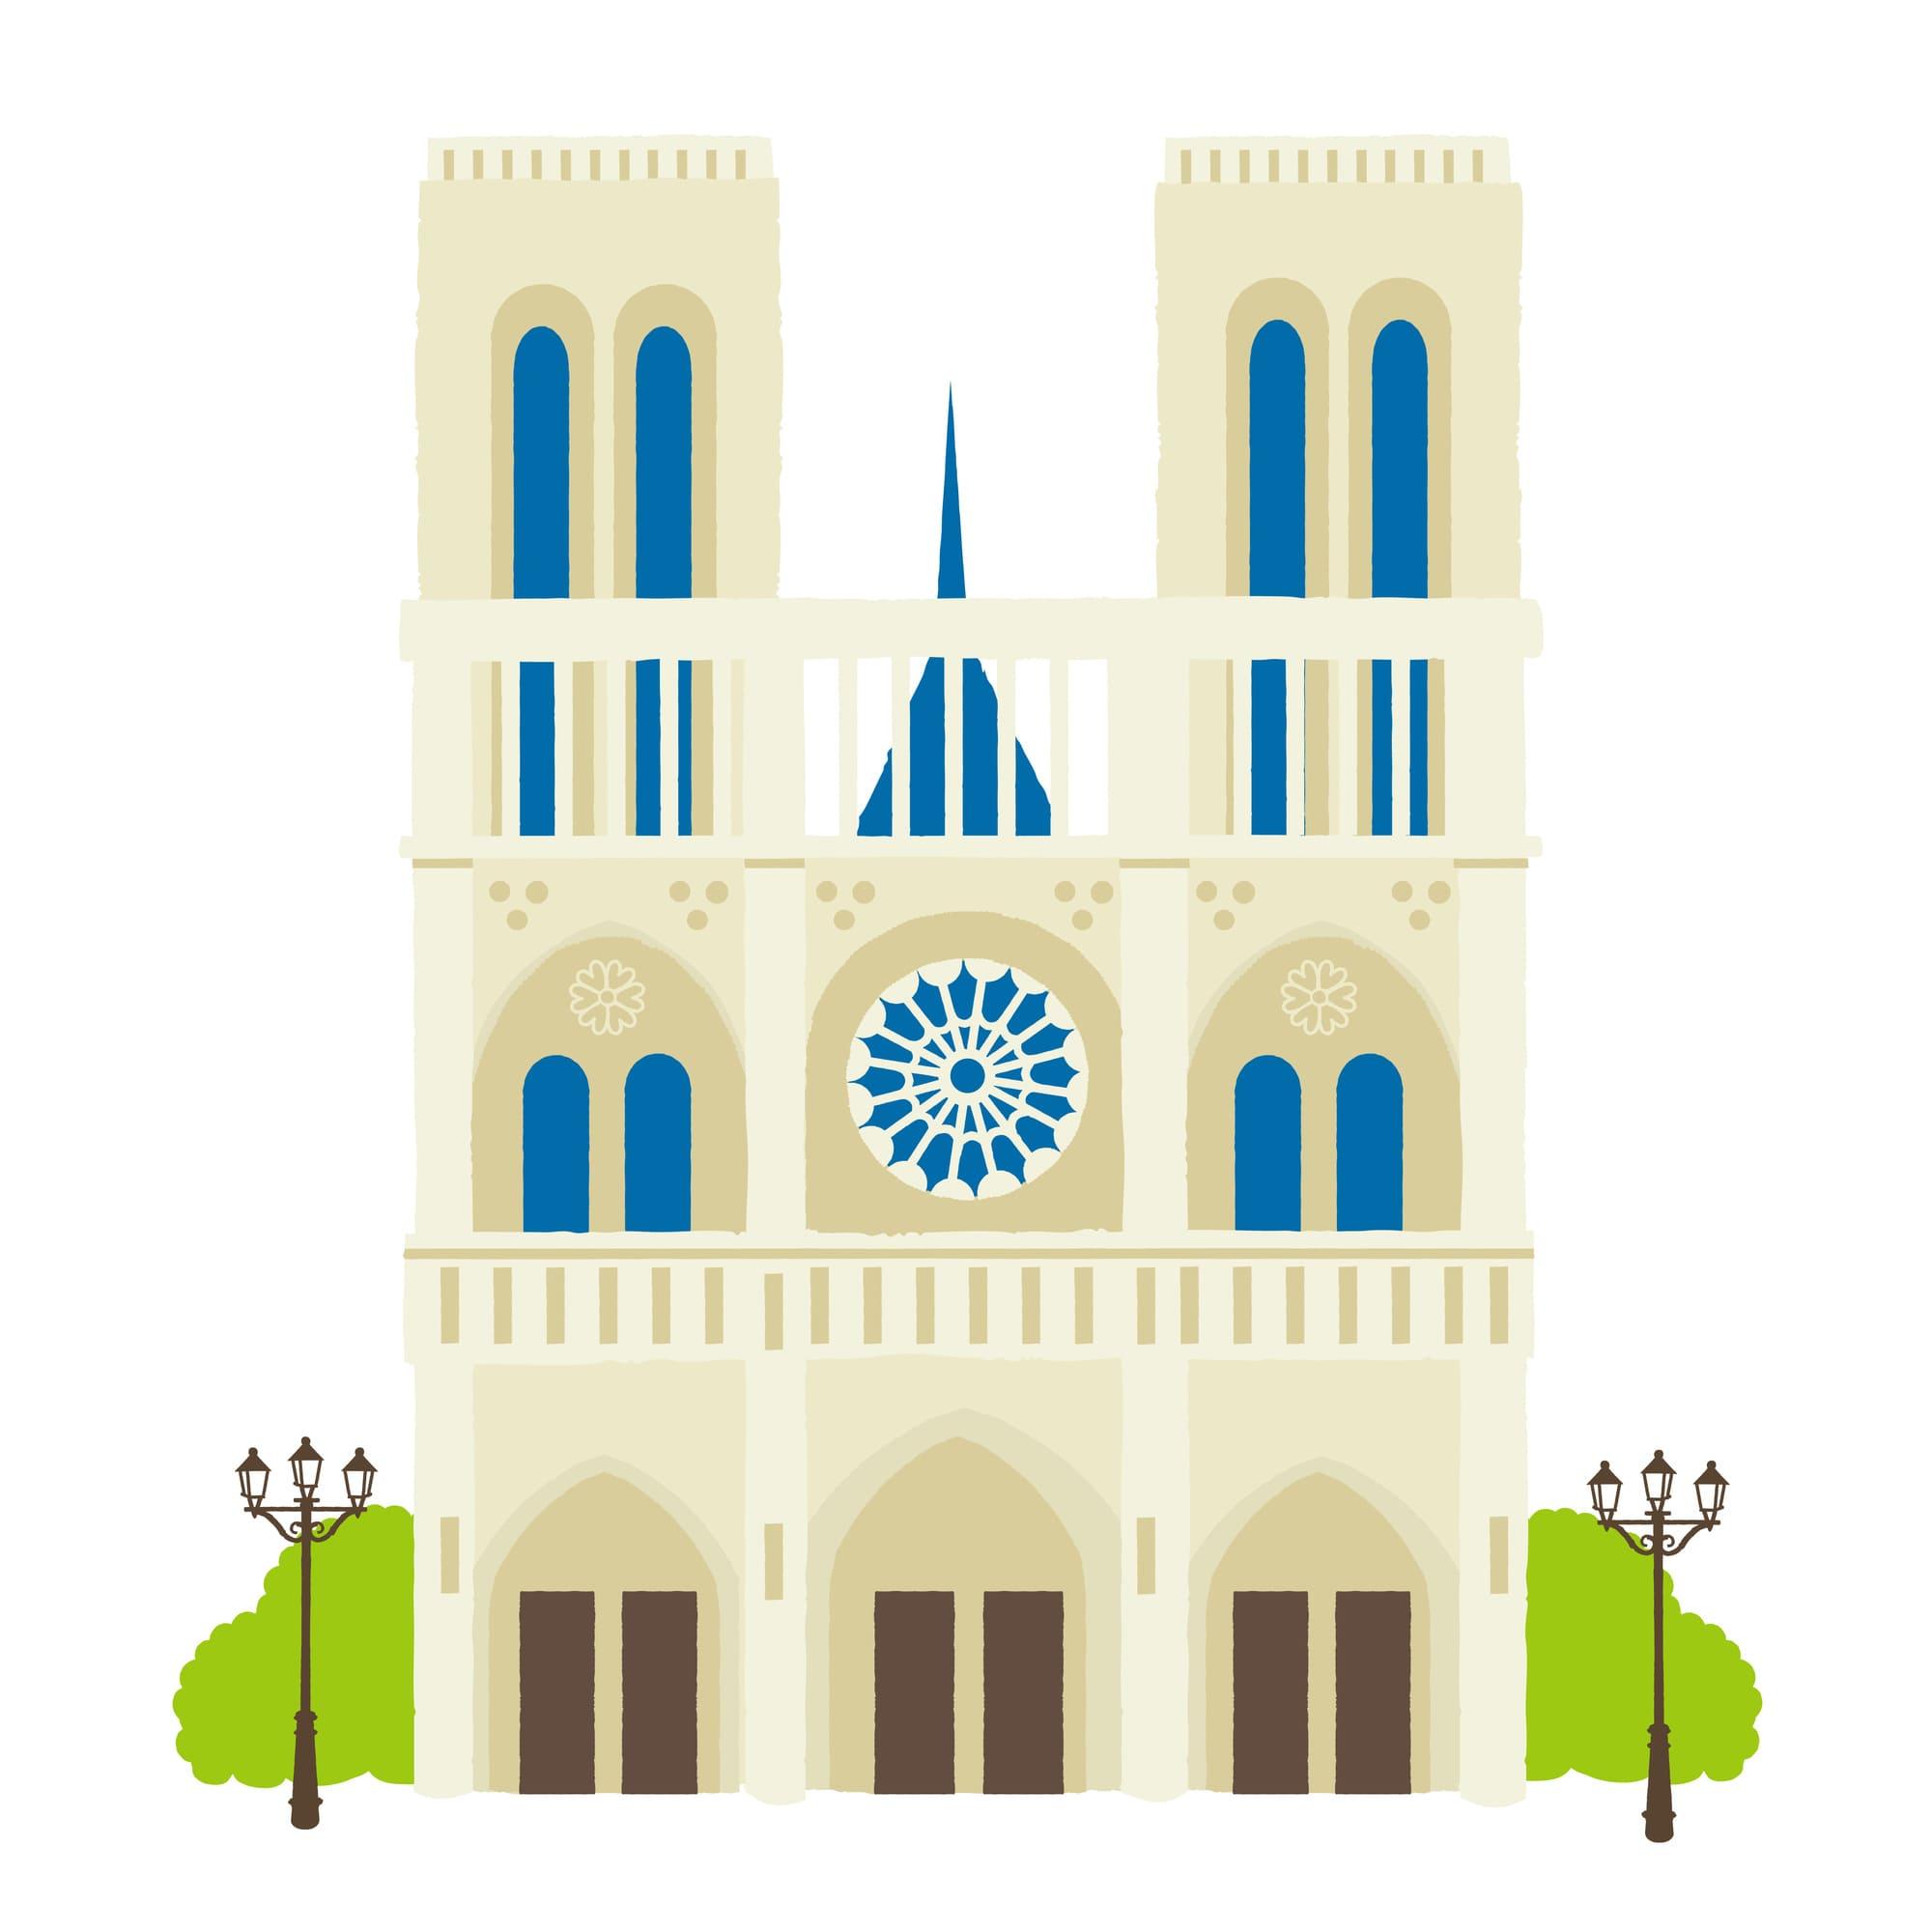 クレディセゾンが永久不滅ポイントでノートルダム大聖堂再建の支援金を受付開始